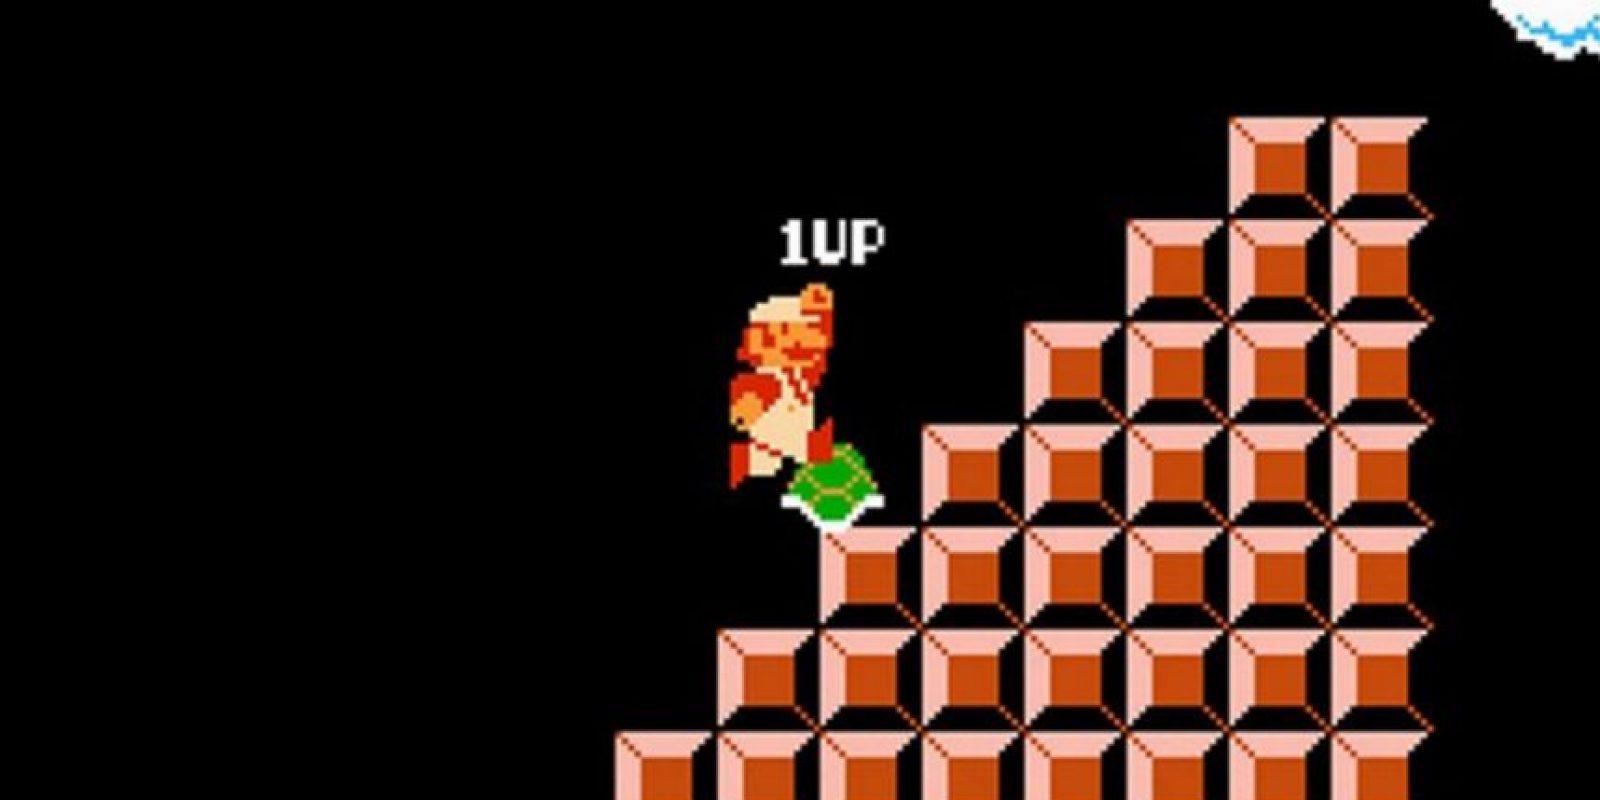 5. Los trucos y errores de los videojuegos fueron parte del culto alrededor del personaje, como por ejemplo, obtener vidas infinitas Foto:Nintendo